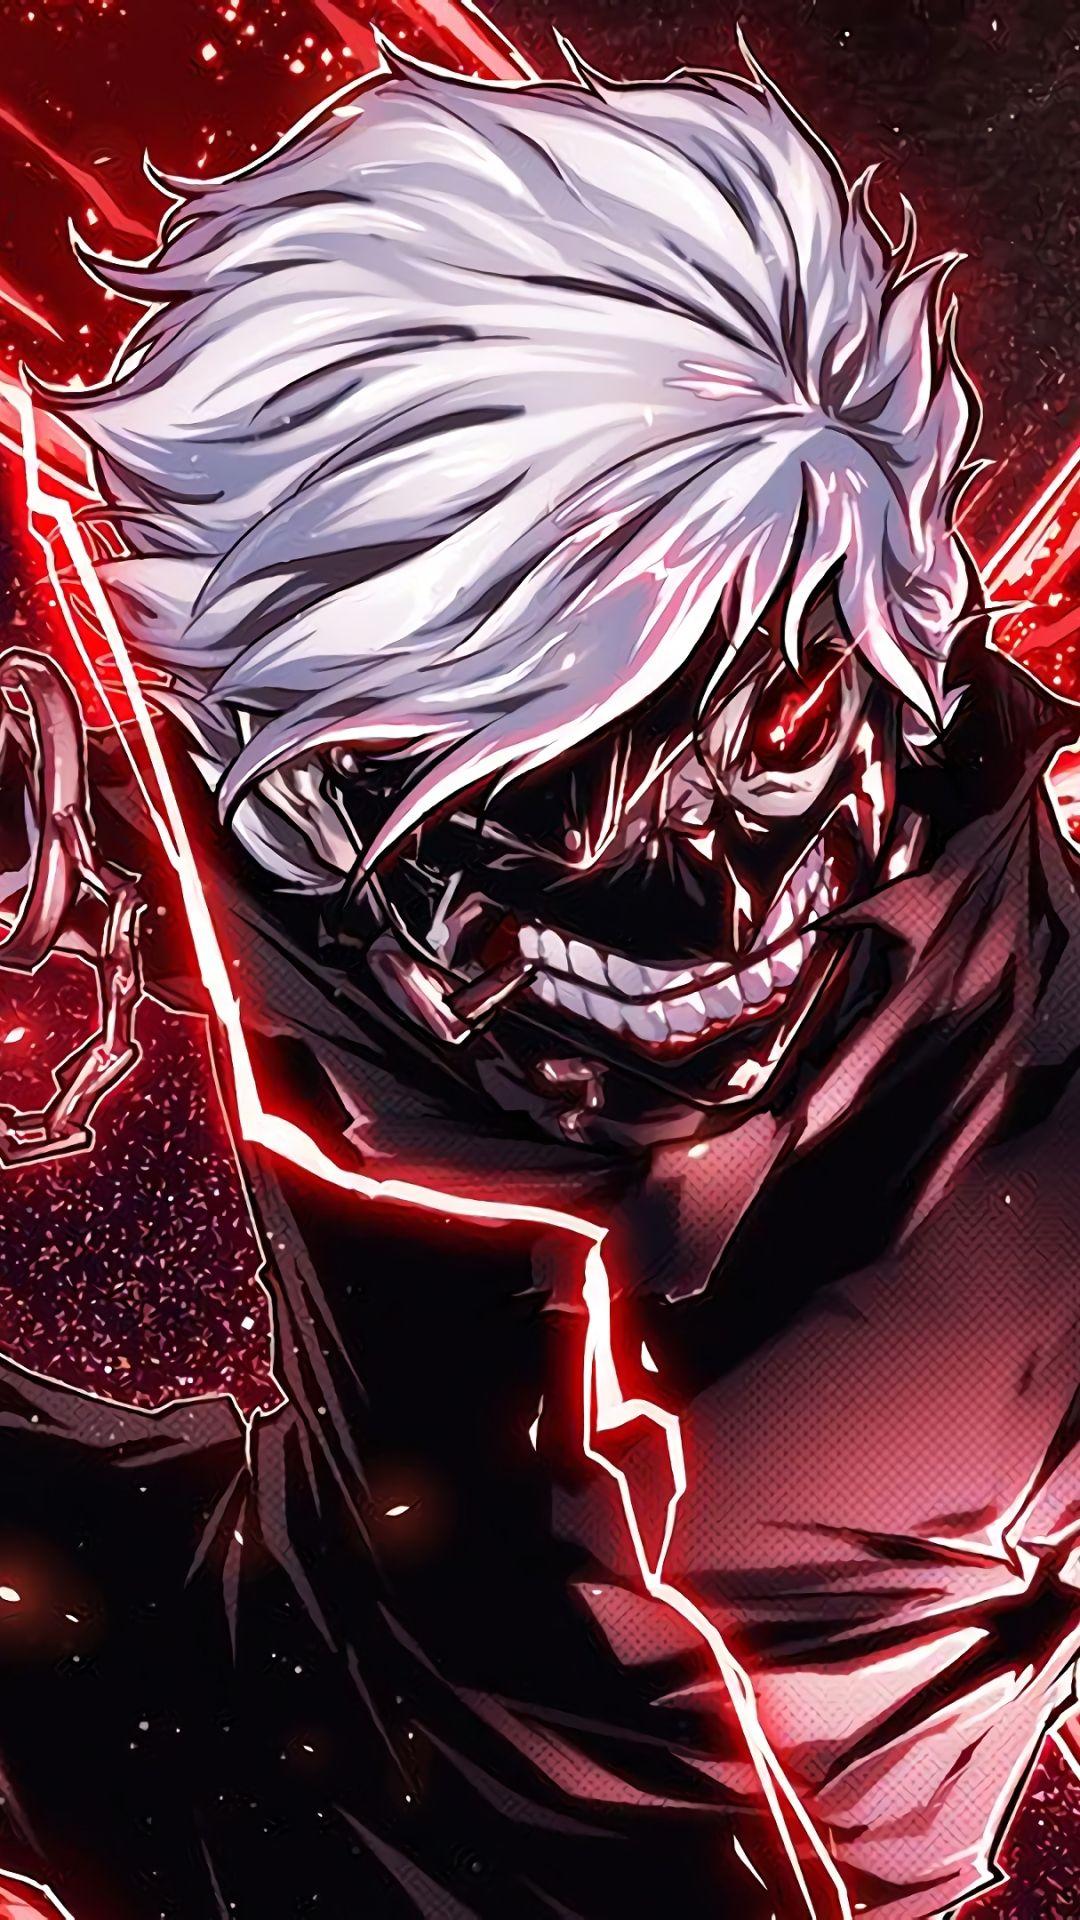 Pin Oleh Eltaay Di Anime Di 2020 Tokyo Ghoul Anime Gelap Ilustrasi Hewan